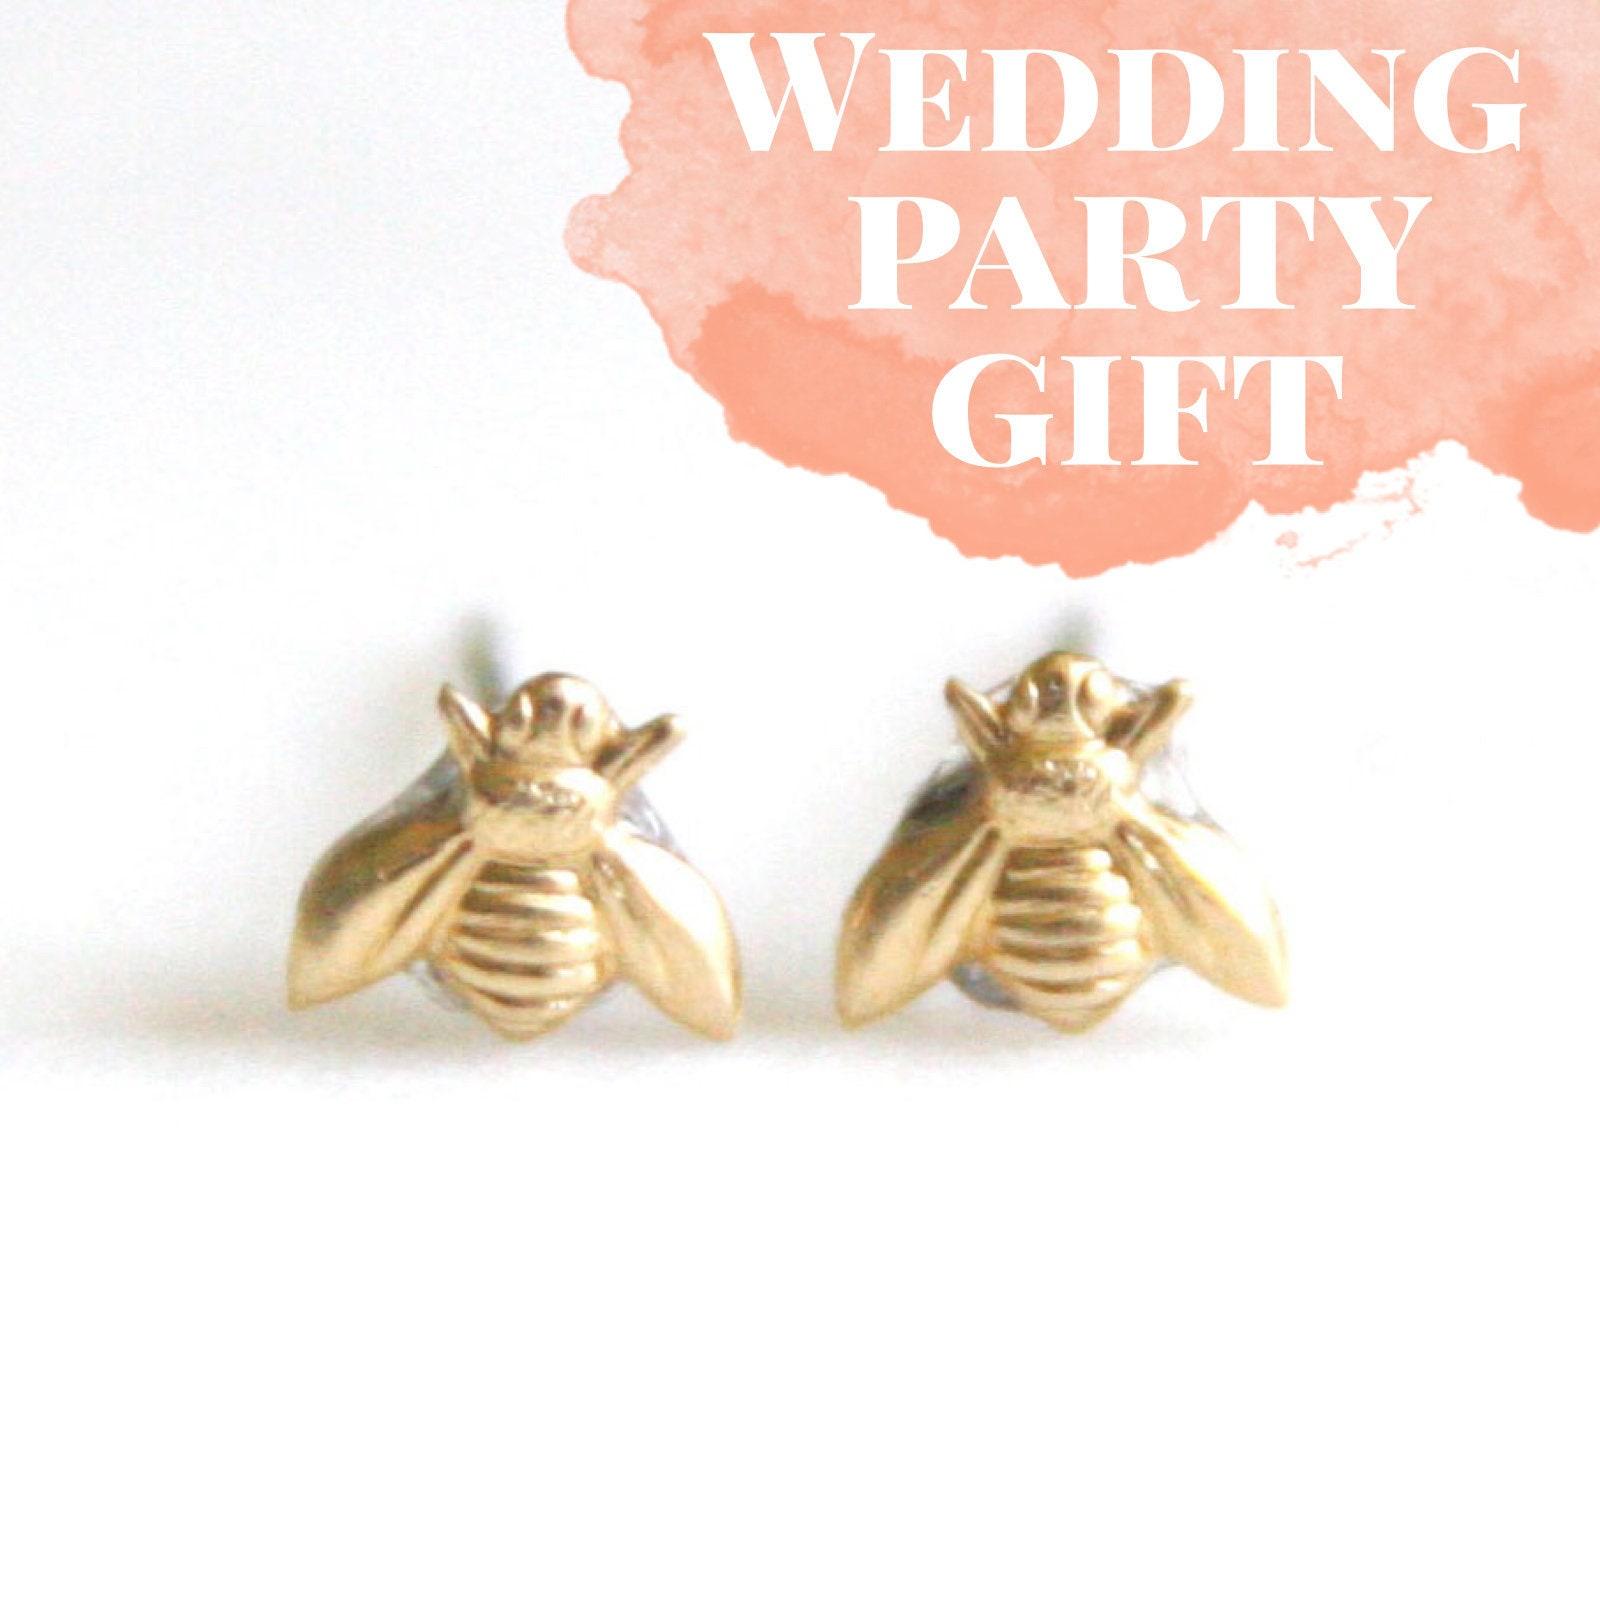 Tiny Brass Bee Earrings Honeybee Post Earrings Bee Themed